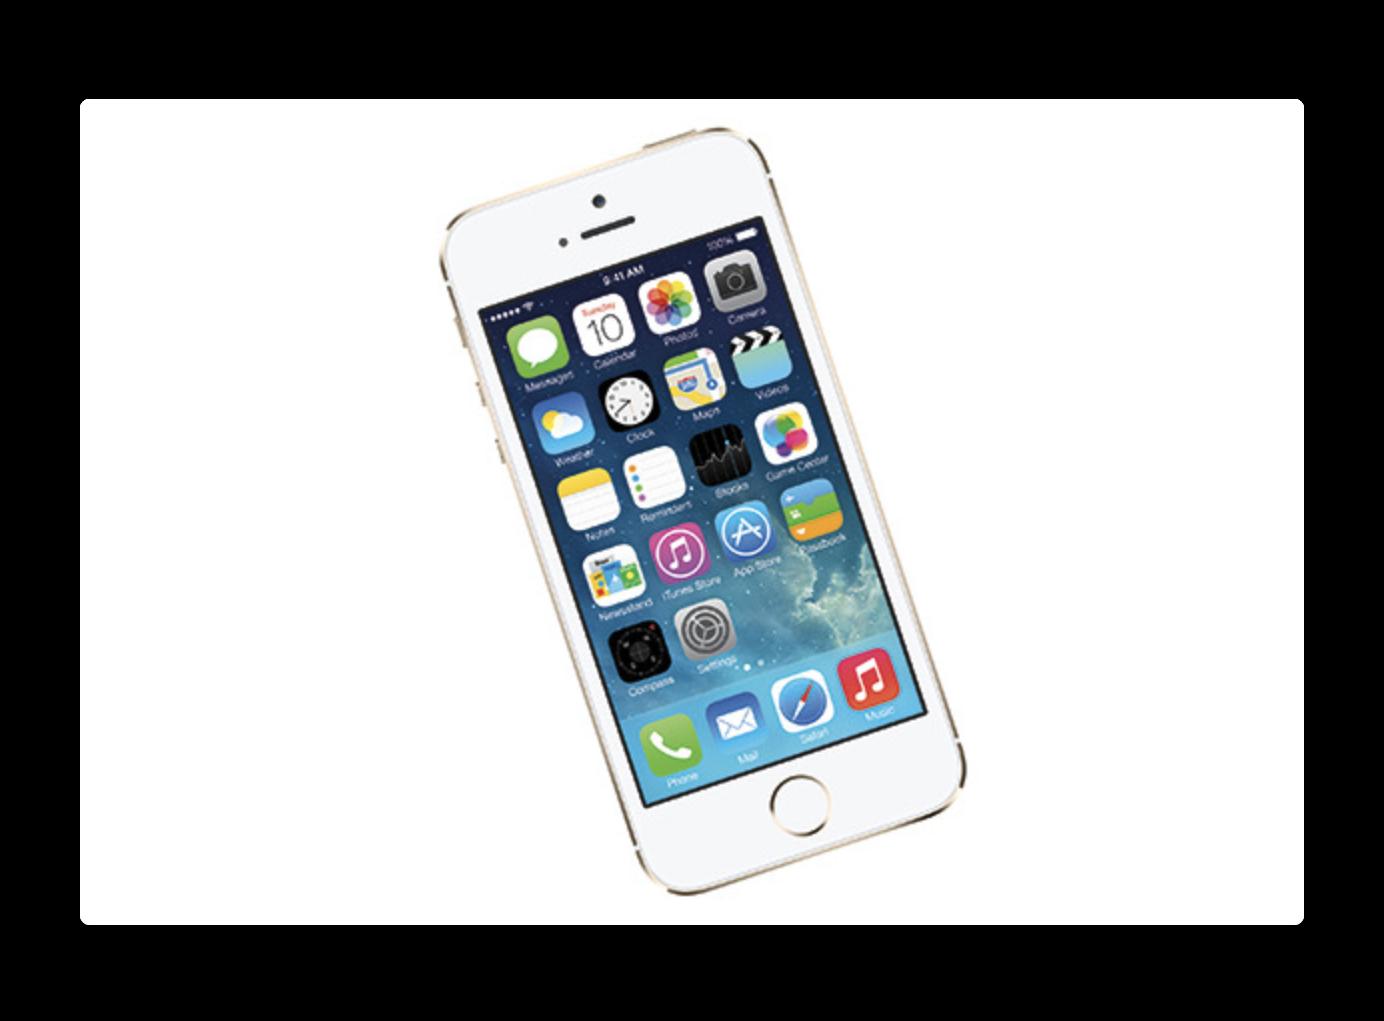 【iOS】「Amazon ショッピングアプリ」、国外からの購入を容易にする新機能をアプリに追加